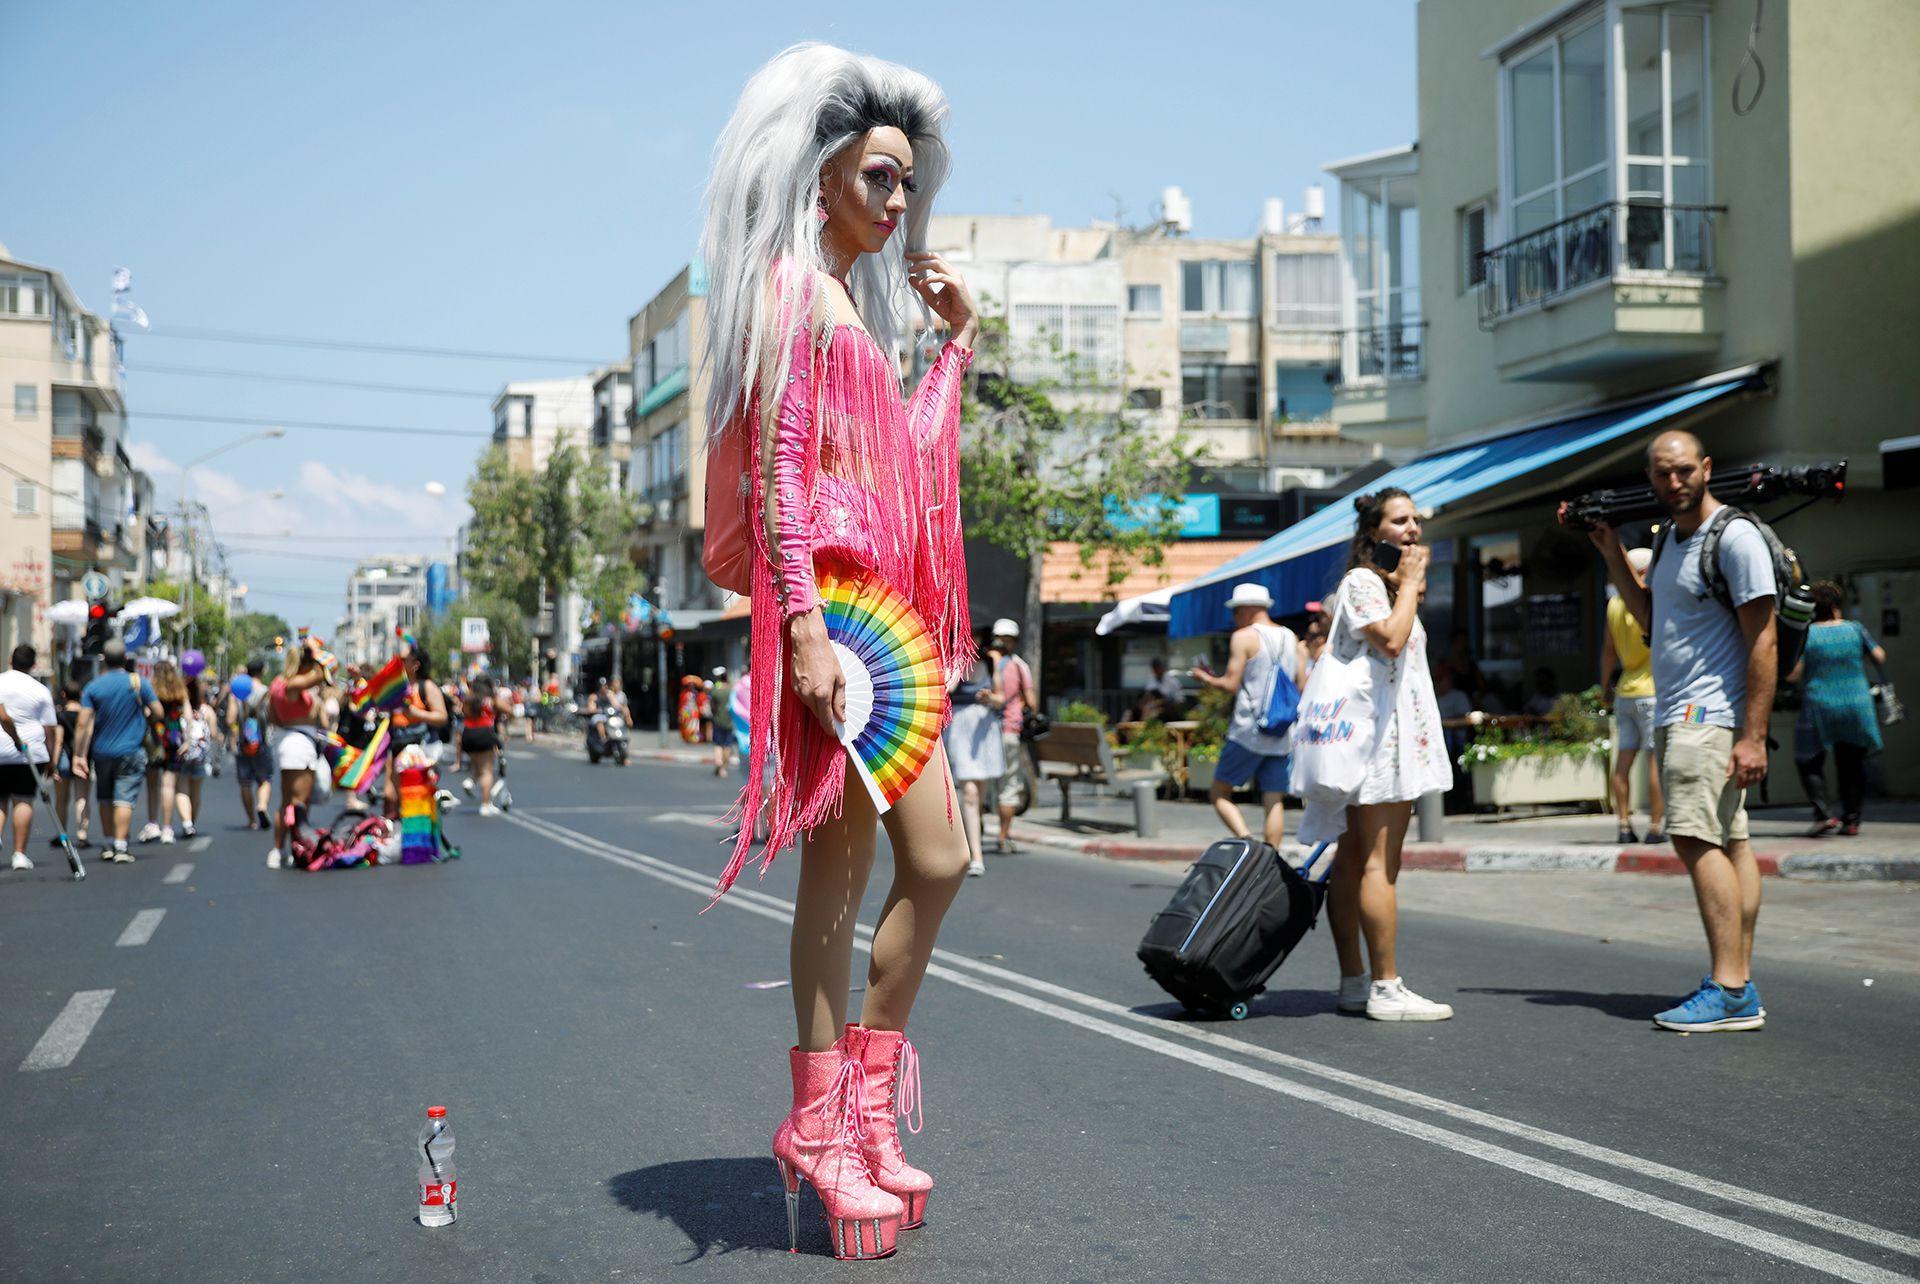 Una mujer disfrazada posa durante el desfile gay de Tel Aviv .